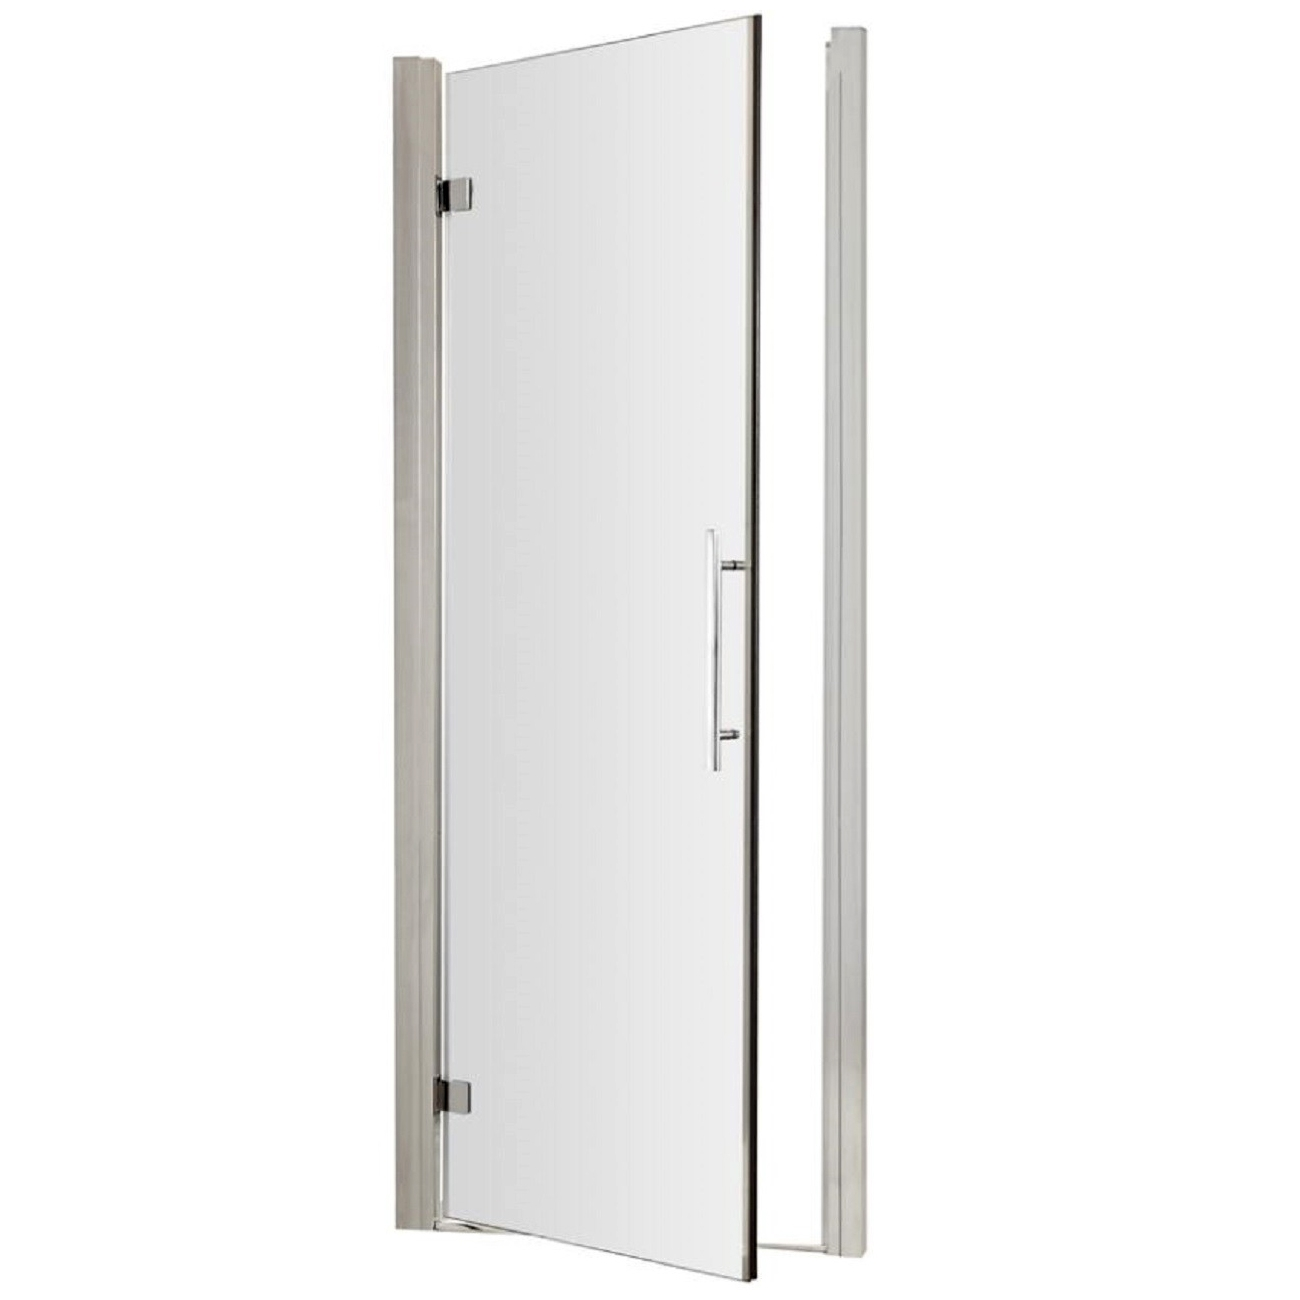 Premier Apex Hinged Shower Door 760mm Wide - 8mm Glass